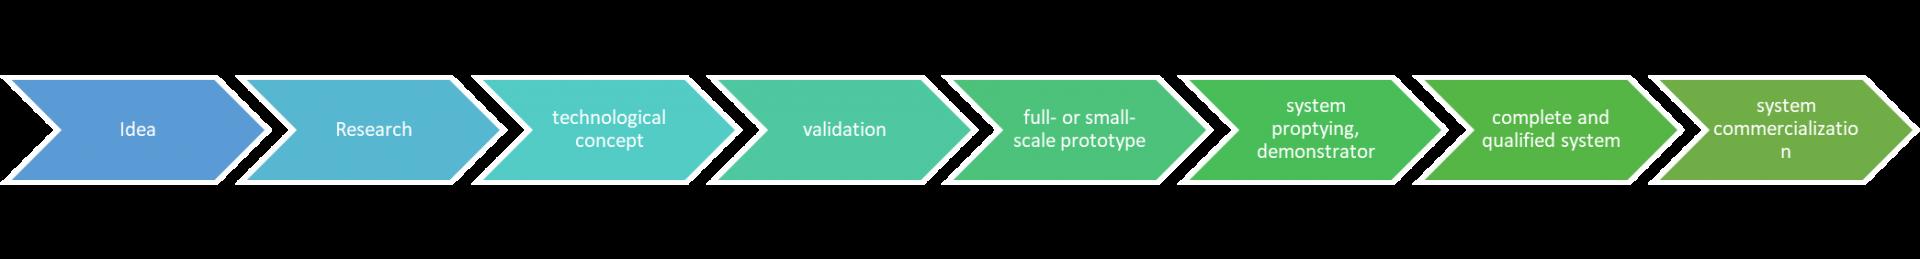 chaîne de valeur des projets